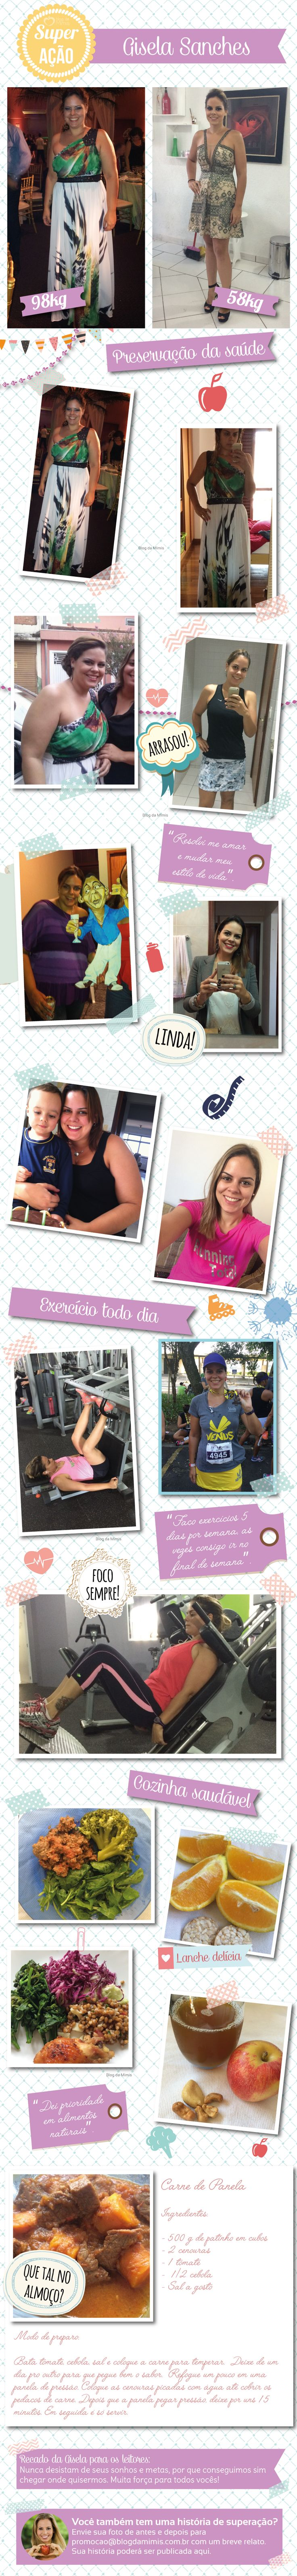 Superação Gisela Sanches - Blog da Mimis - Mudança na rotina resulta em 40Kg a menos. #antesedepois #emagrecer #dieta